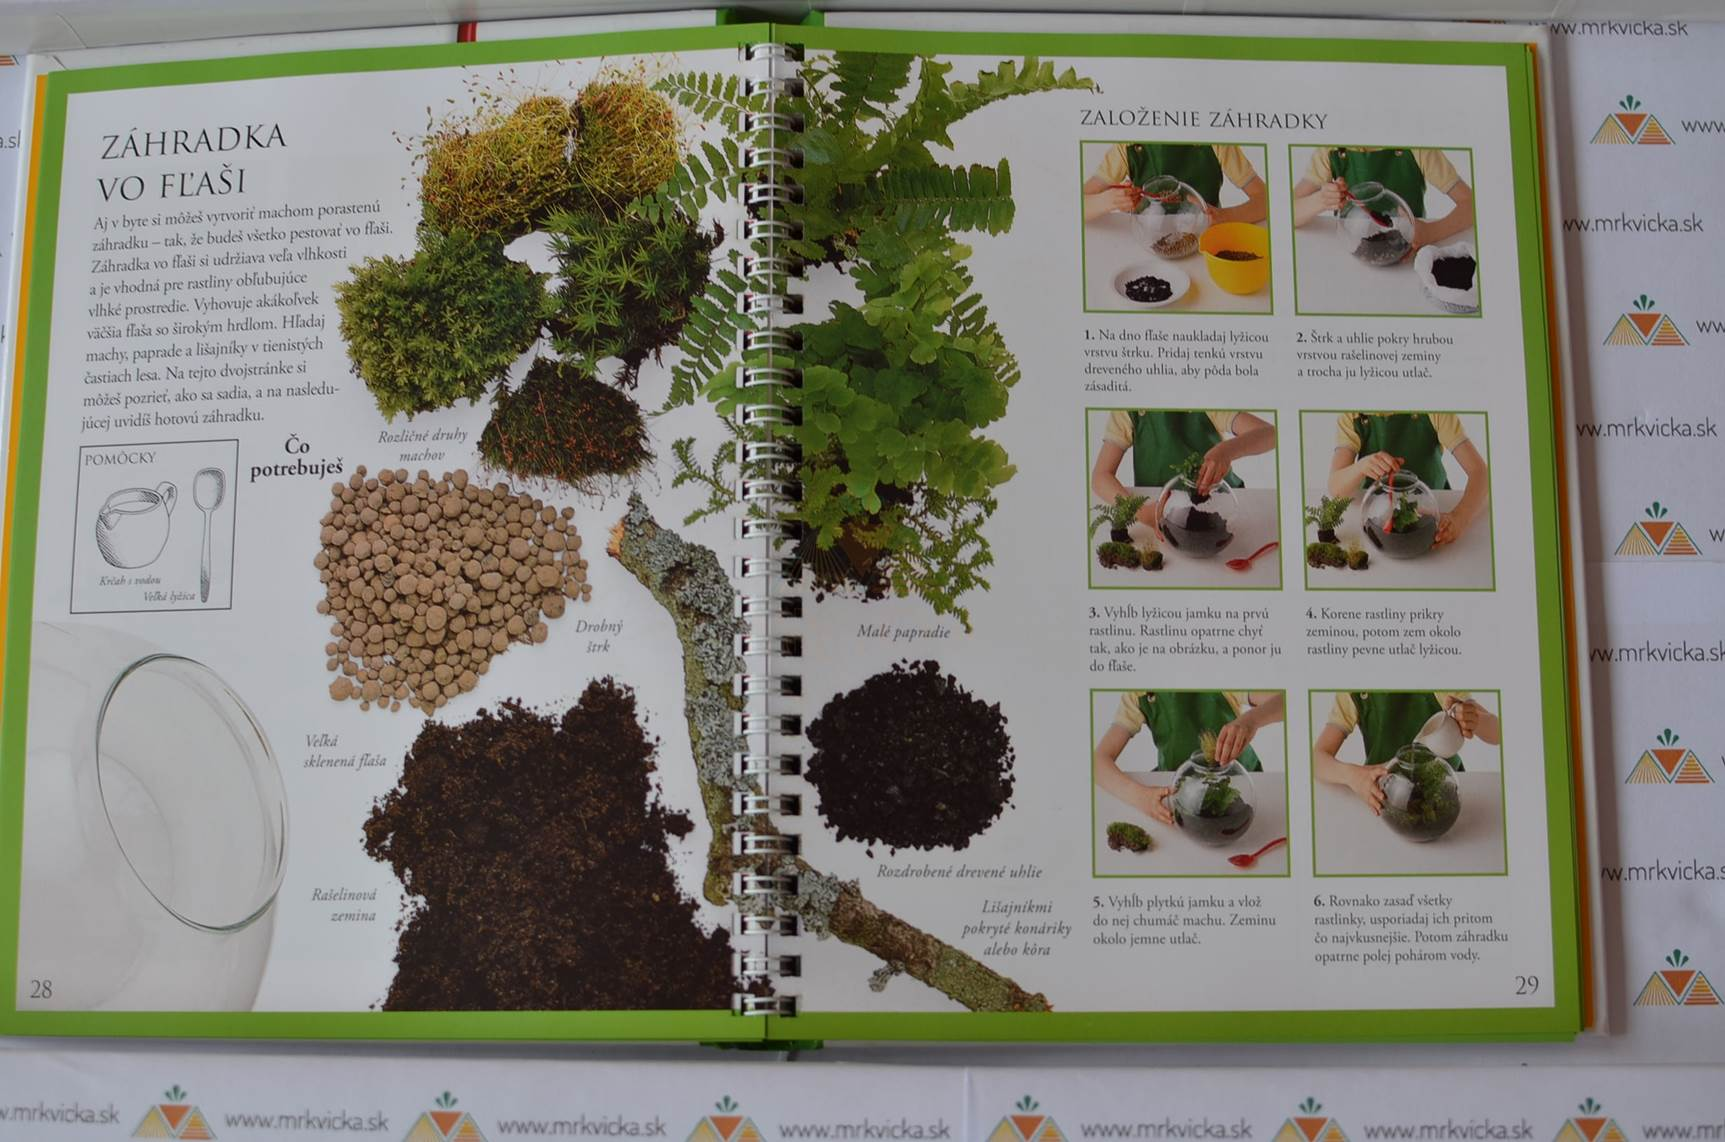 Prvá kniha hier s prírodou - Záhradka vo fľaši a ďalšie úžasné nápady